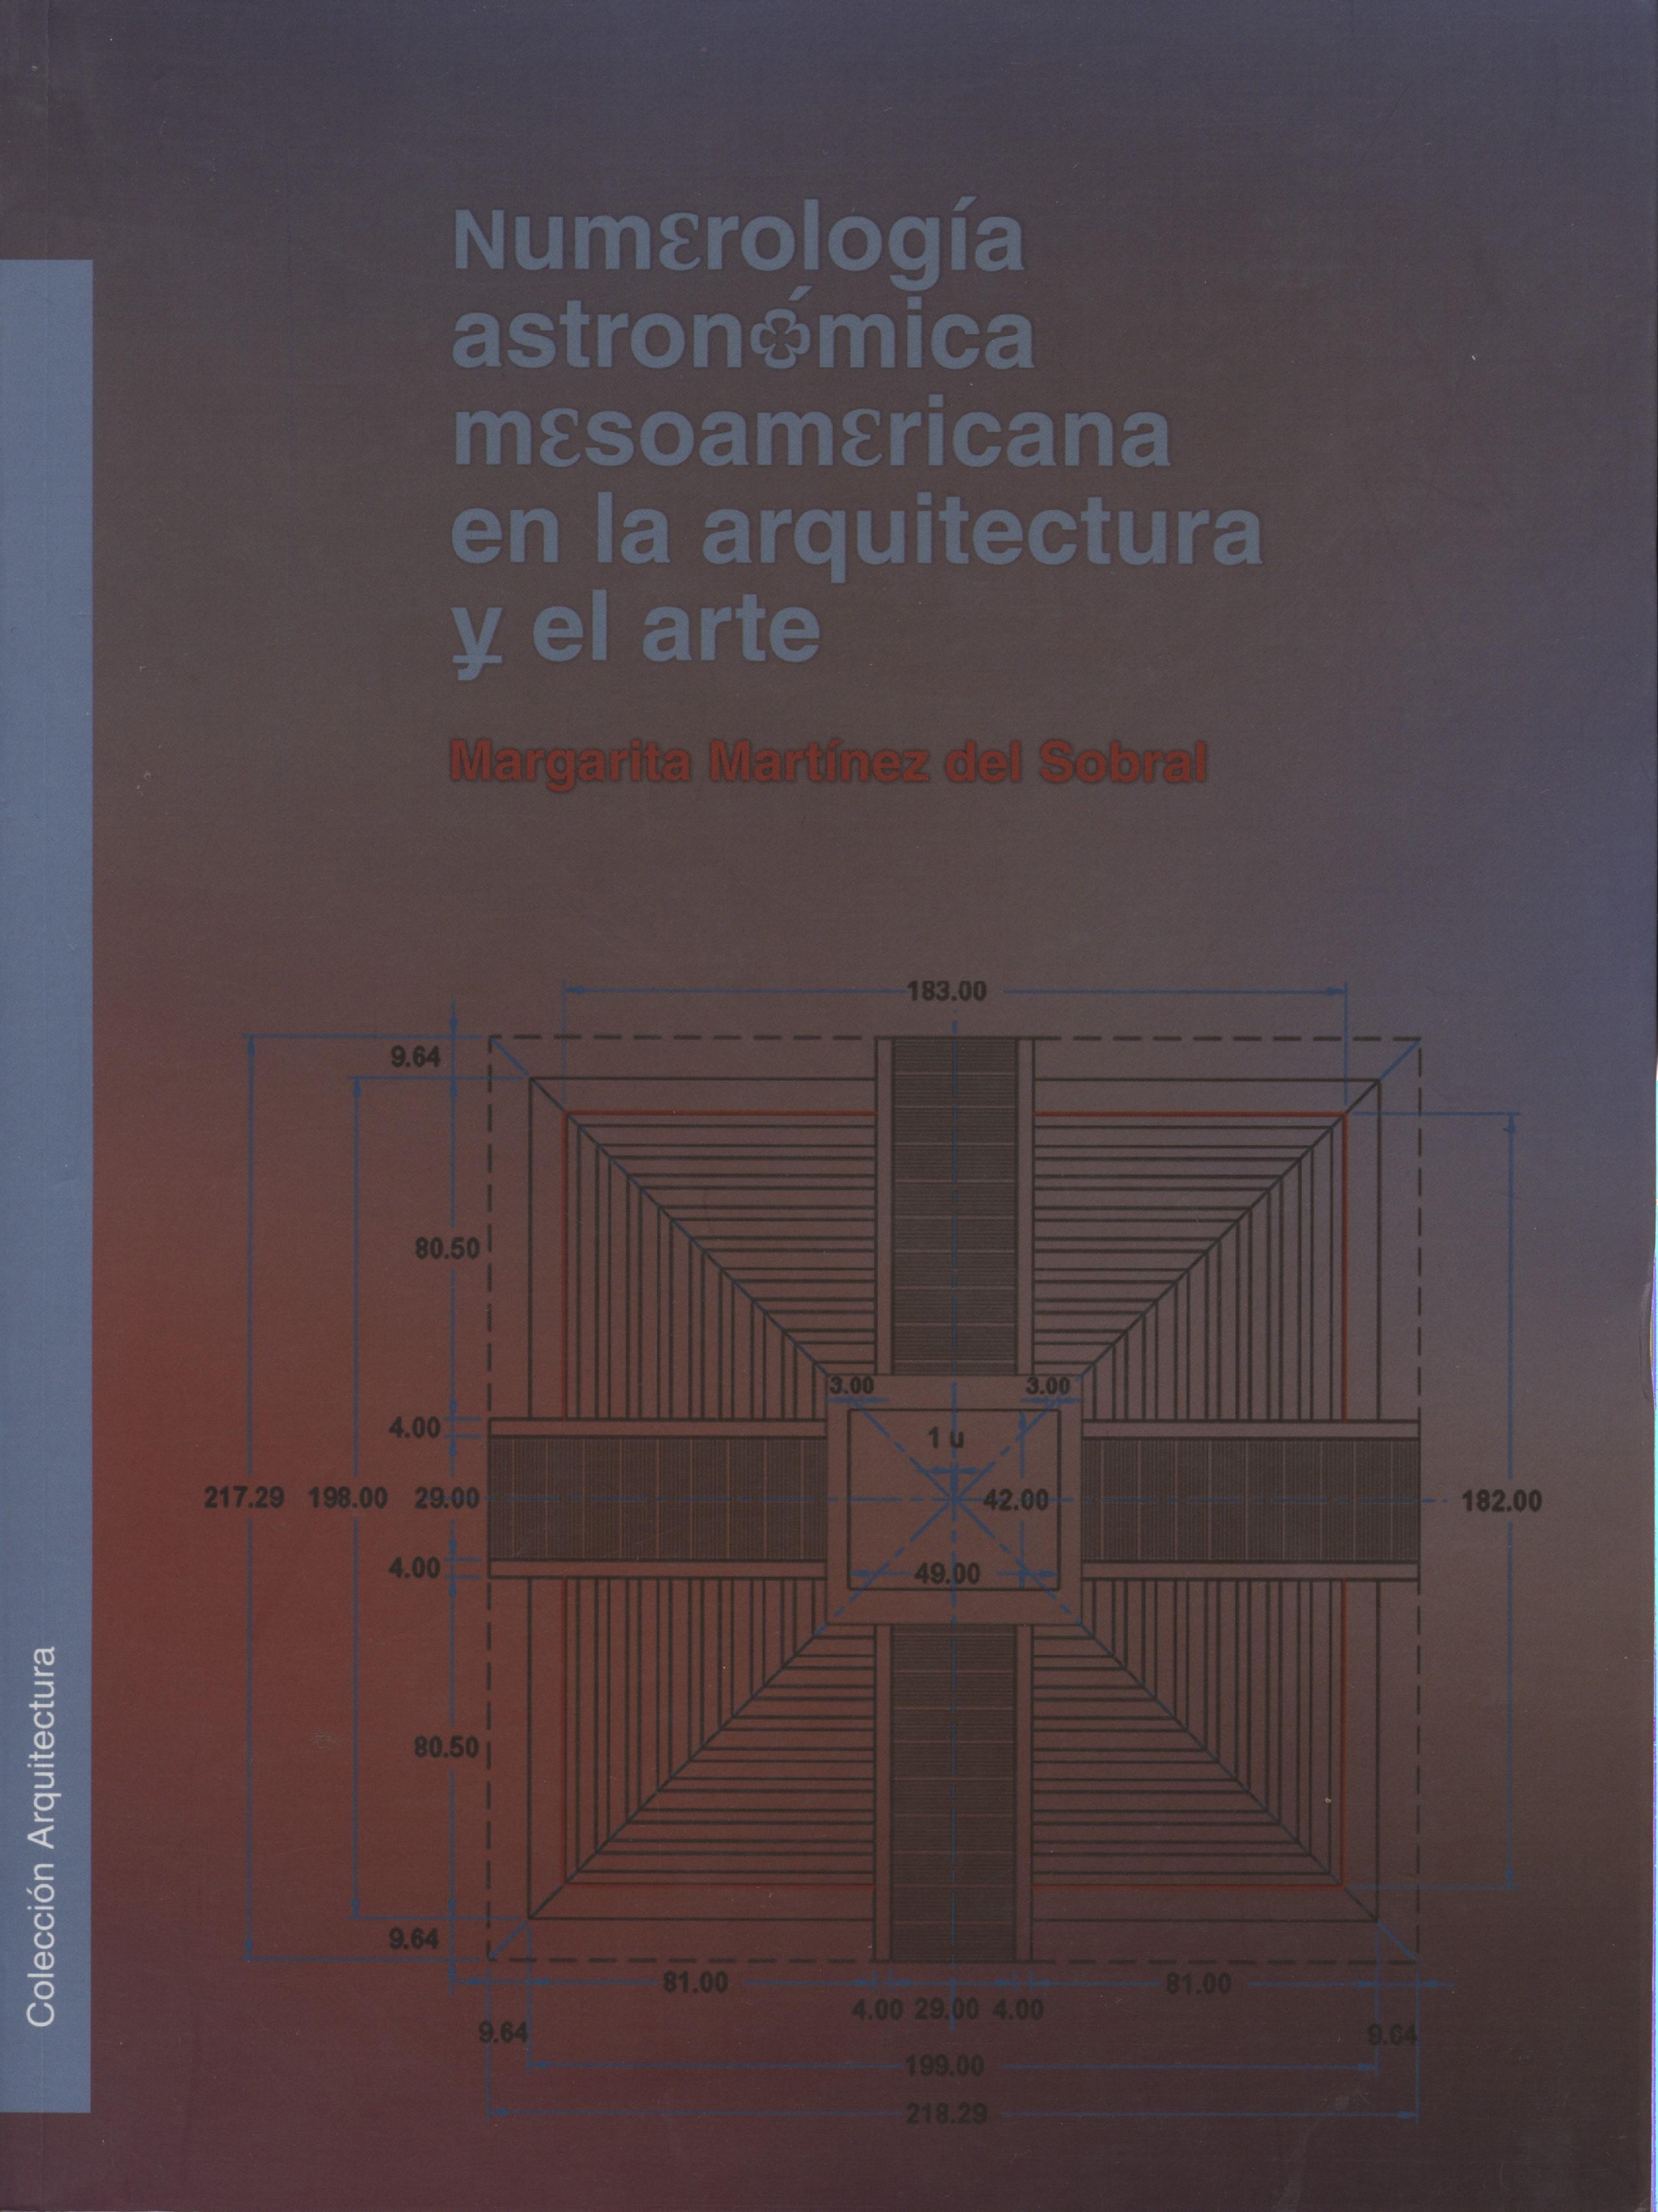 Numerología astronómica mesoamericana en la arquitectura y el arte